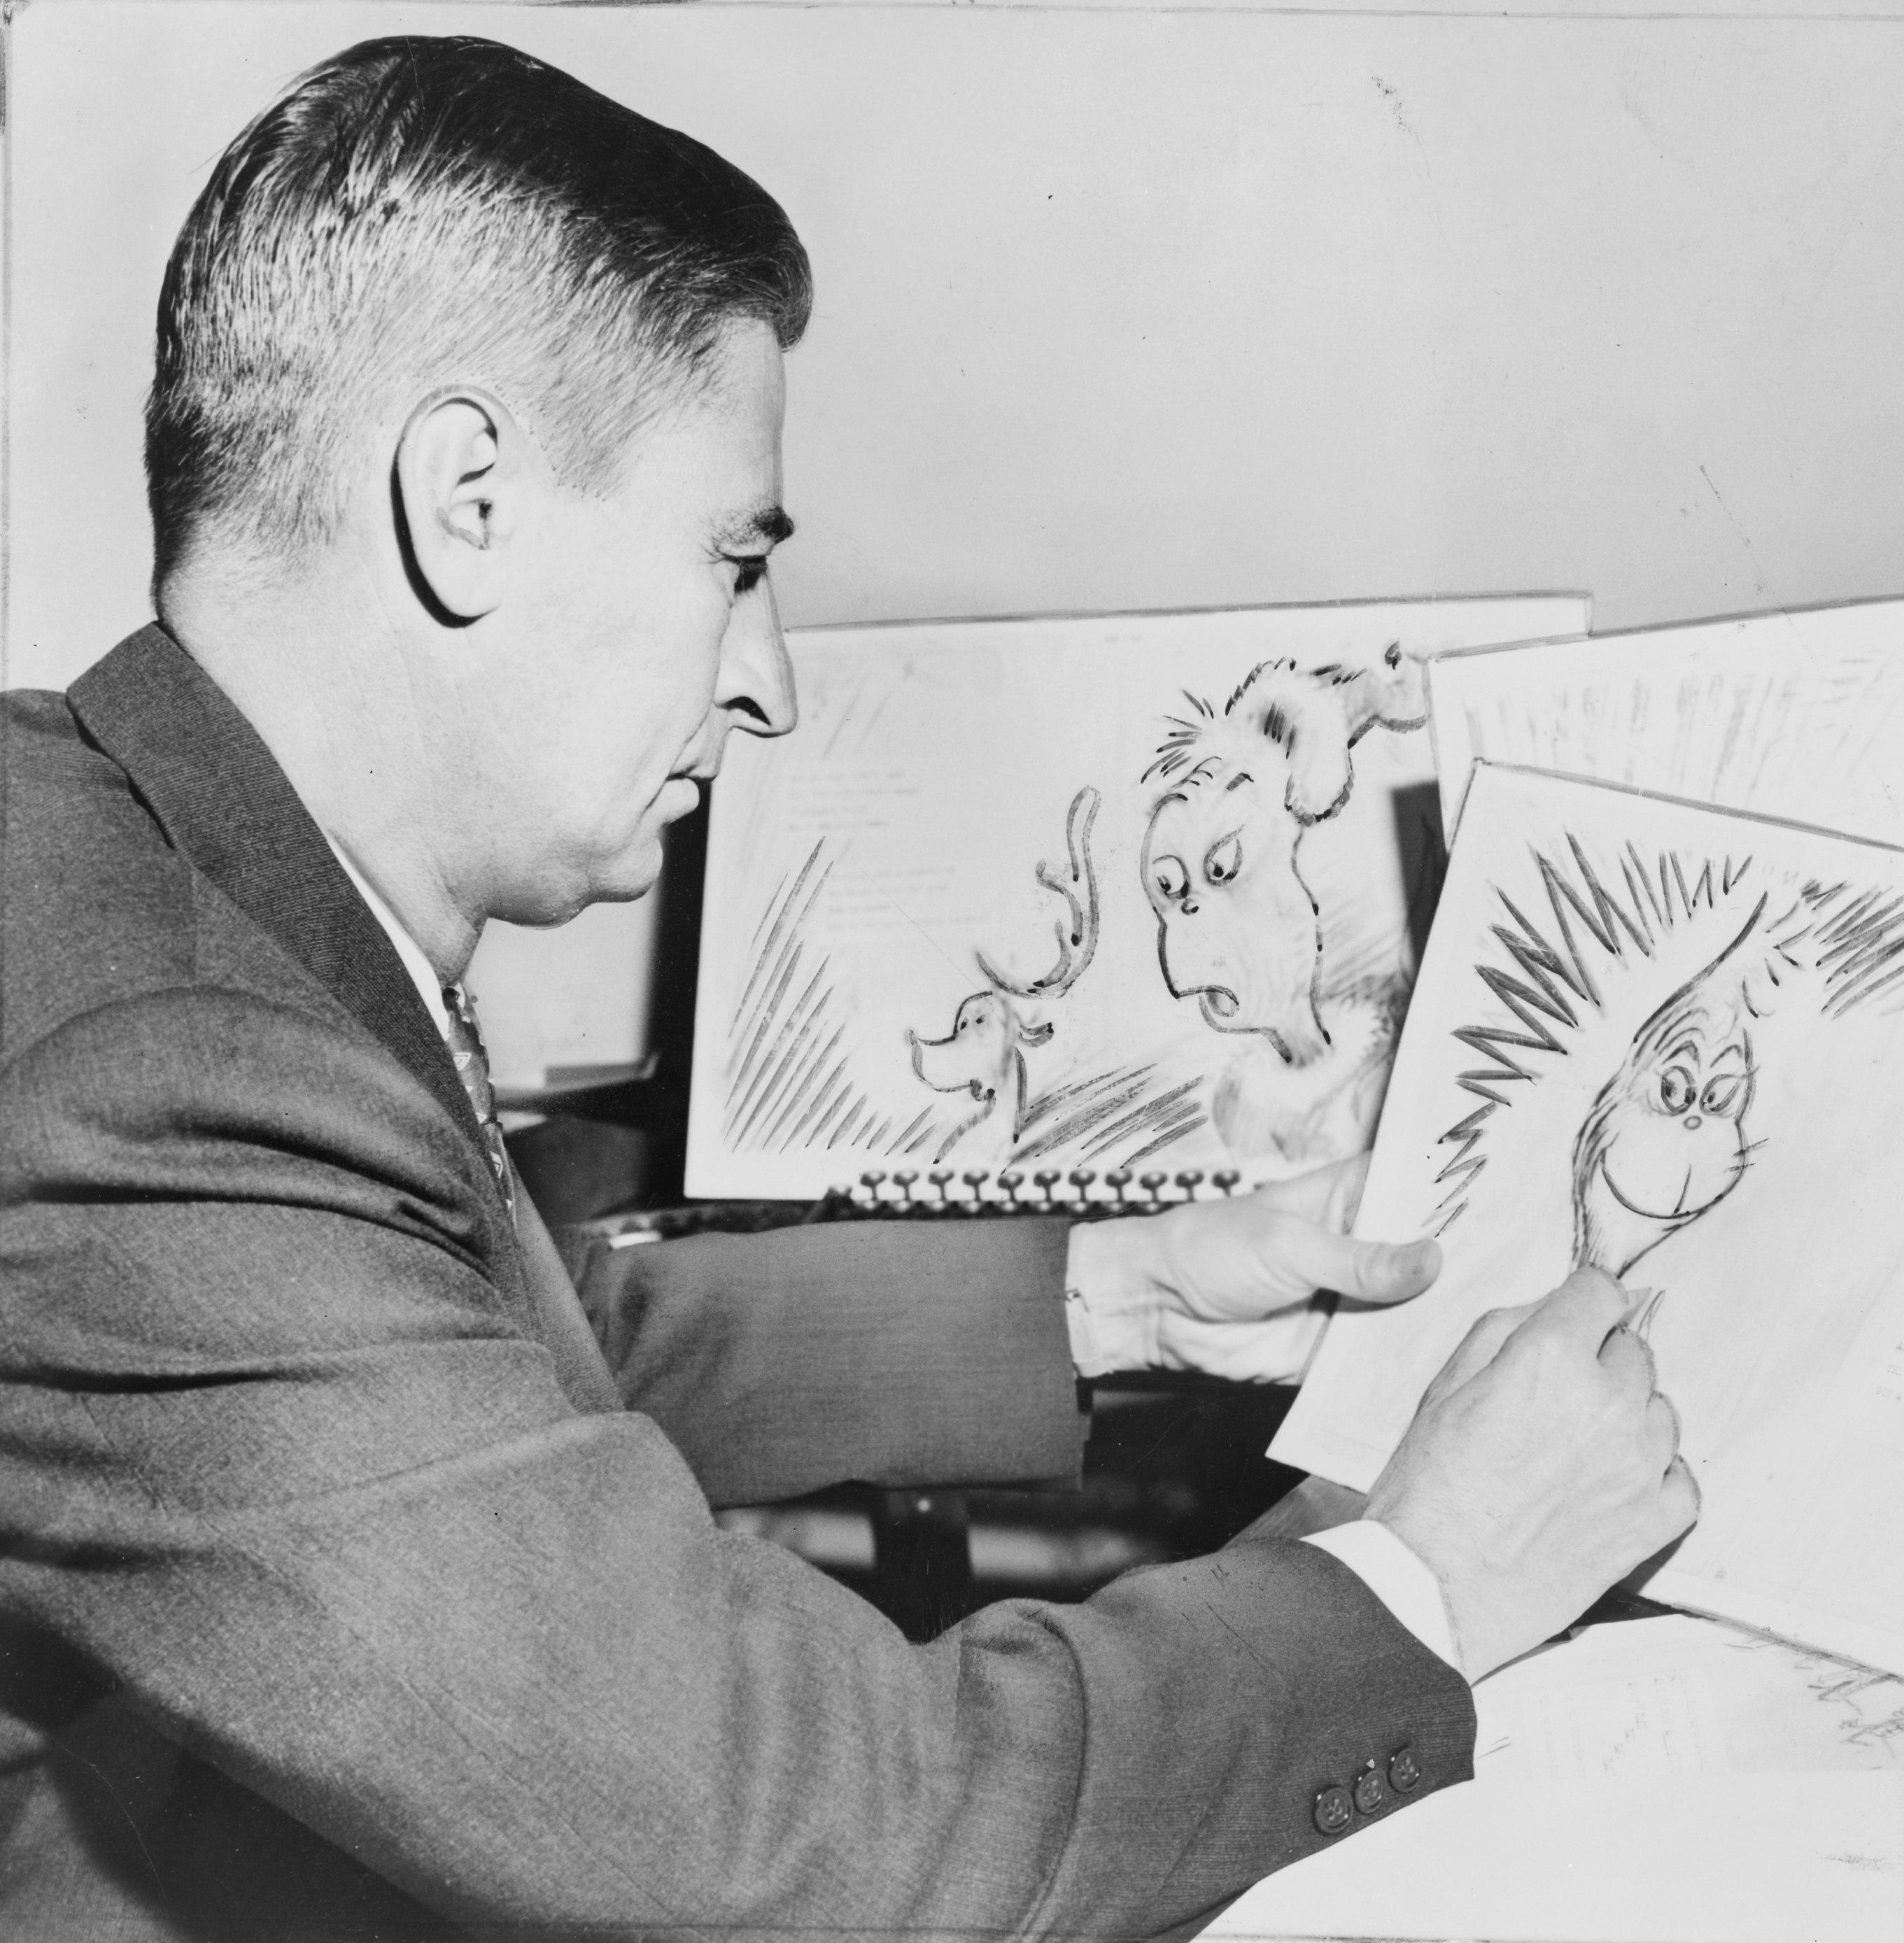 Ted Geisel AKA Dr Seuss